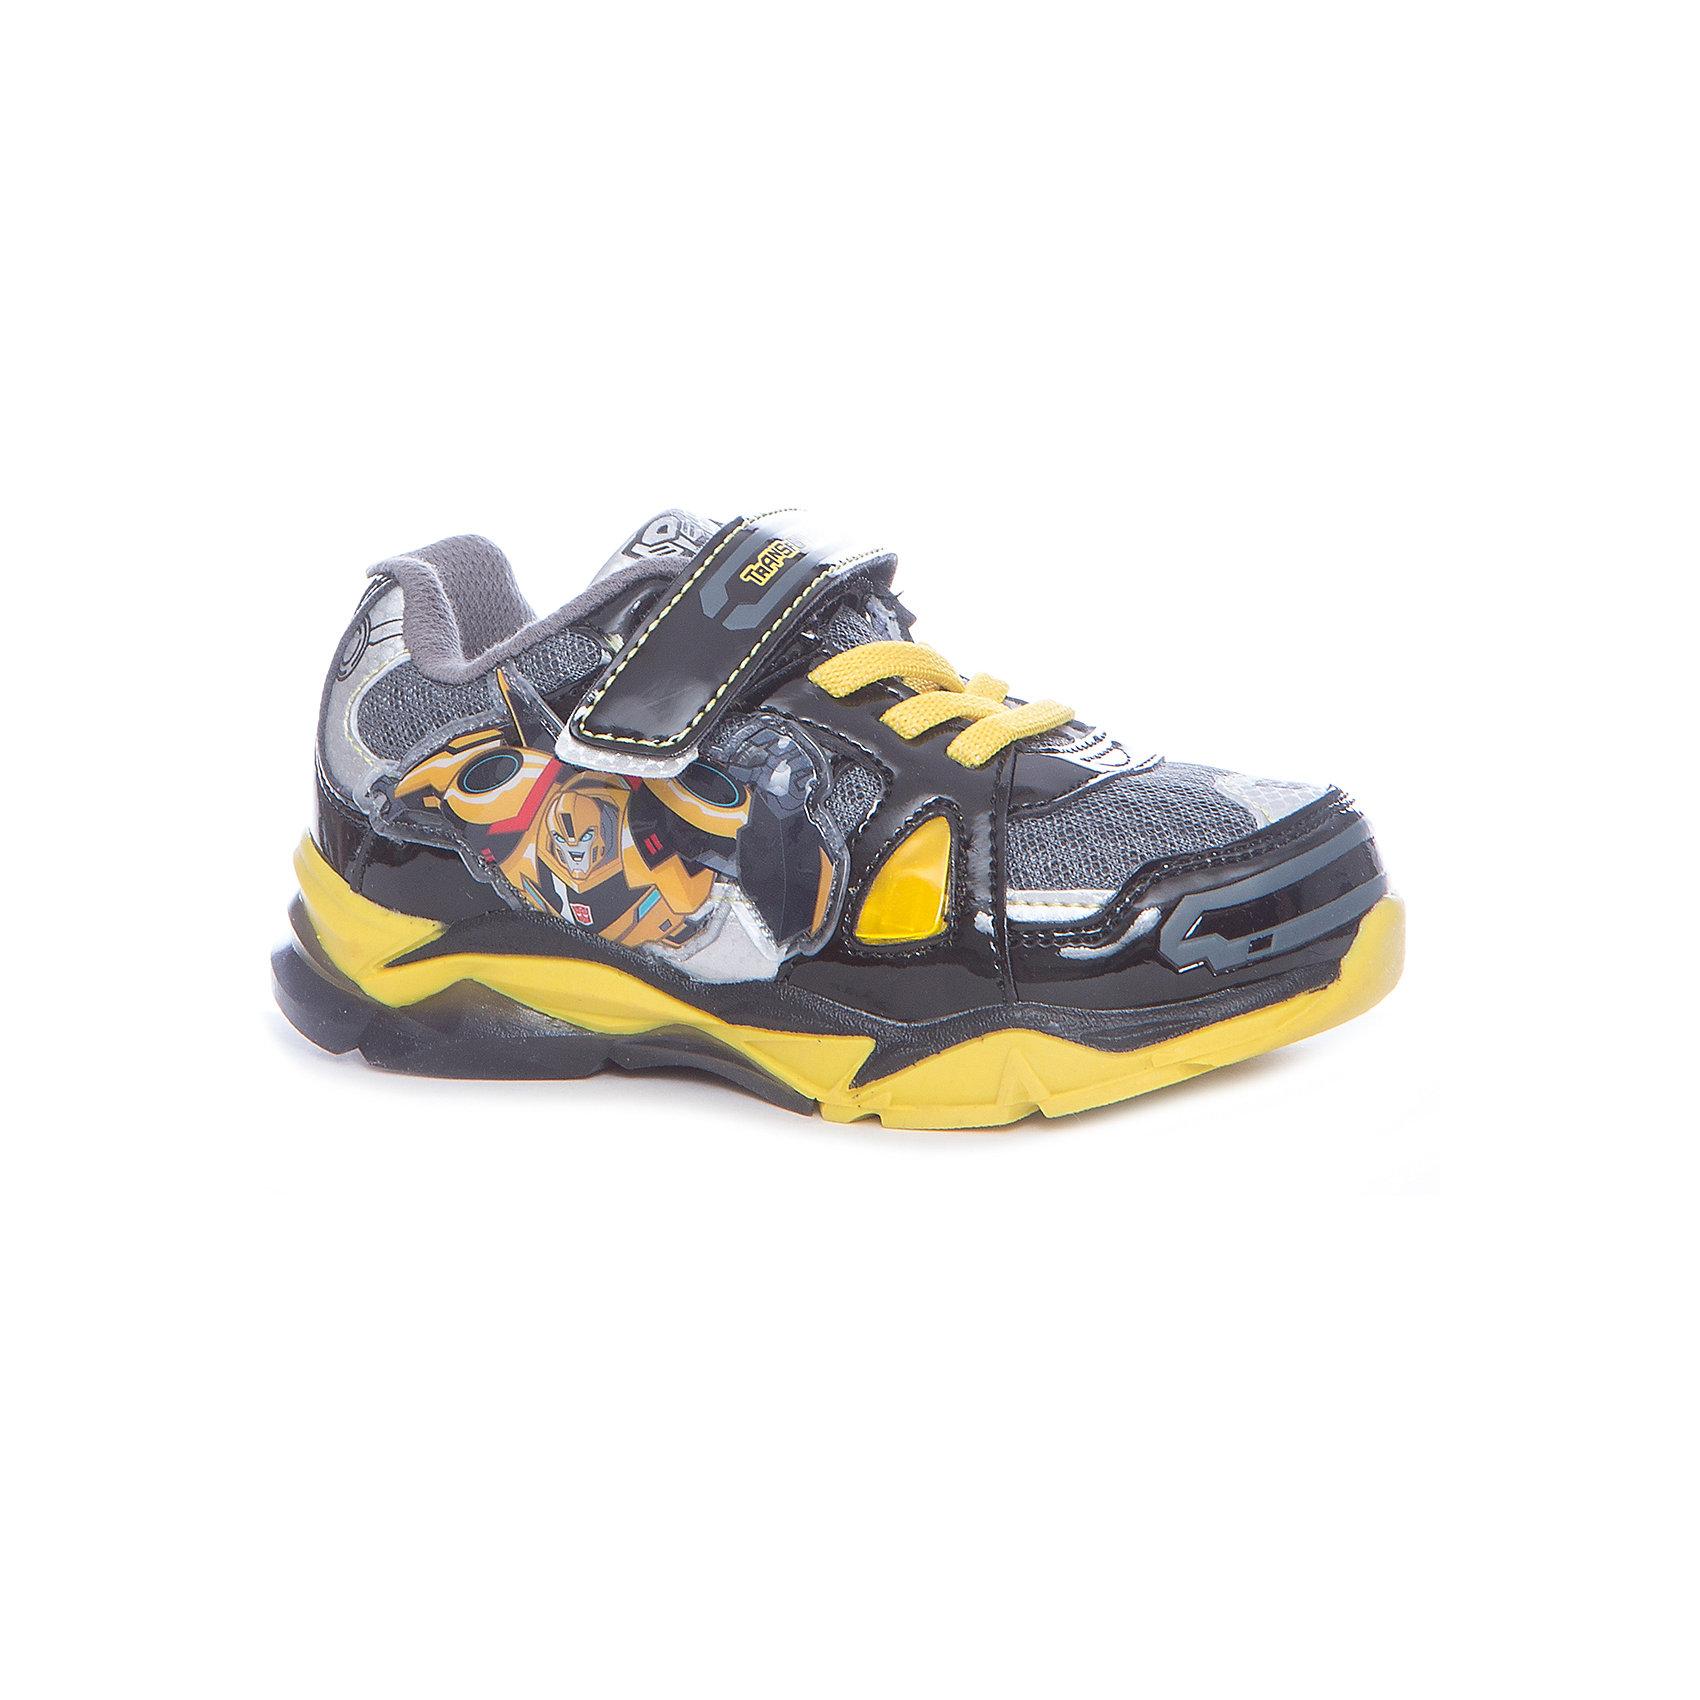 Кроссовки Transformers для мальчика Kakadu, черный, желтыйКроссовки<br>Характеристики товара:<br><br>• цвет: черный, желтый<br>• принт: Трансформеры<br>• внешний материал обуви: искуственная кожа, текстиль<br>• внутренний материал: текстиль<br>• стелька:текстиль (съемная)<br>• подошва: ТЭП<br>• вид обуви: спортивный стиль<br>• тип застежки: на липучке, на шнурках<br>• сезон: весна-осень<br>• температурный режим: от +10°до +20°С<br>• страна бренда: Россия<br>• страна изготовитель: Китай<br><br>Кроссовки для мальчиков Transformers бренда Какаду будут радовать ребенка во время прогулок. Они созданы из качественных сертифицированных материалов. <br><br>Подкладка из натурального хлопка обеспечивает воздухообмен и комфортный микроклимат вне зависимости от погоды. Подошва из термопластичной резины кроме хорошей амортизации обладает влагоотталкивающими свойствами.<br><br>Кроссовки для мальчика KAKADU можно купить в нашем интернет-магазине.<br><br>Ширина мм: 262<br>Глубина мм: 176<br>Высота мм: 97<br>Вес г: 427<br>Цвет: черный<br>Возраст от месяцев: 24<br>Возраст до месяцев: 36<br>Пол: Мужской<br>Возраст: Детский<br>Размер: 26,31,27,28,29,30<br>SKU: 5386706